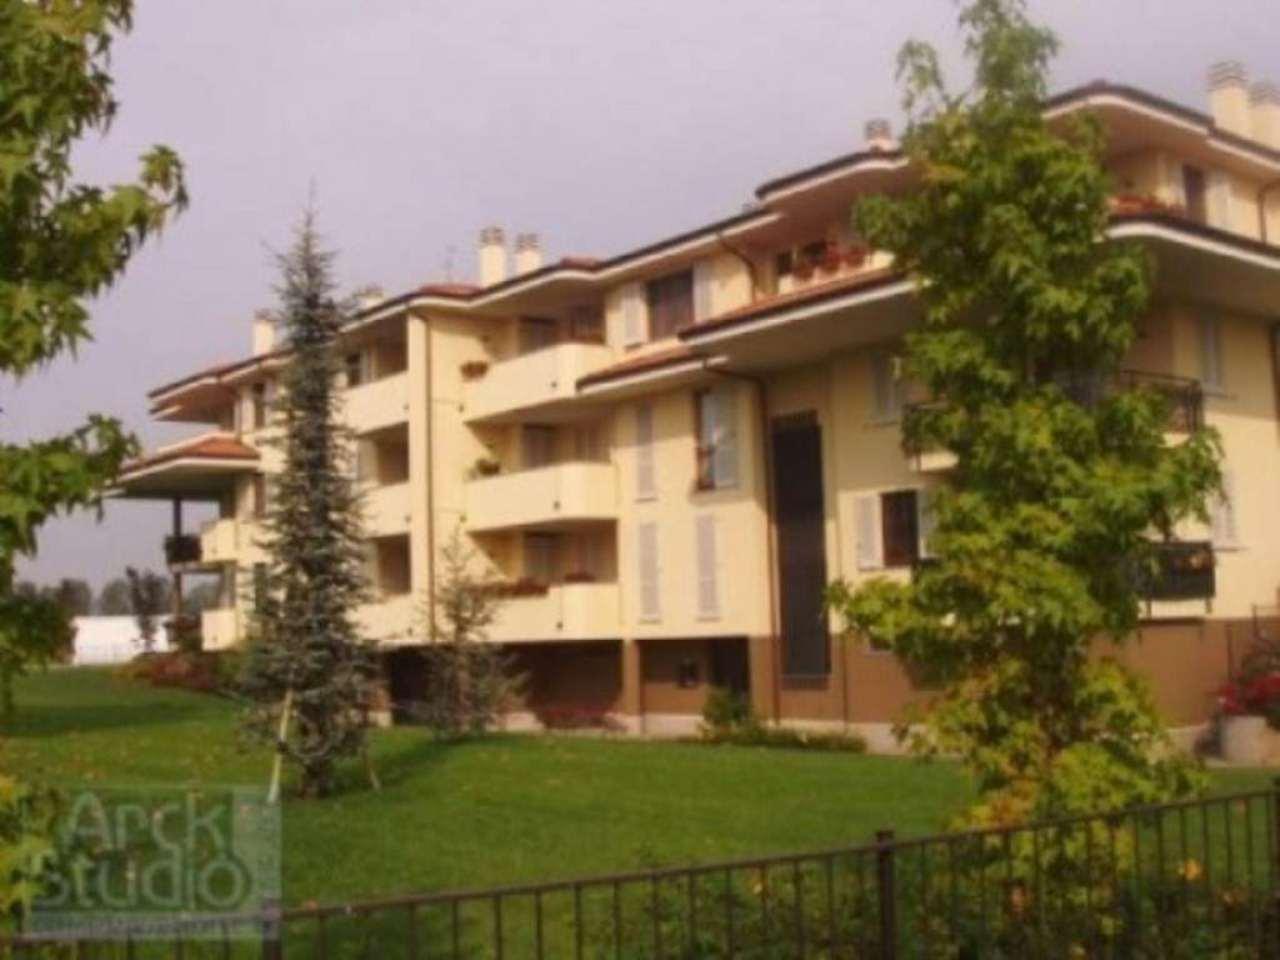 Appartamento in vendita a Truccazzano, 2 locali, prezzo € 2.000 | CambioCasa.it